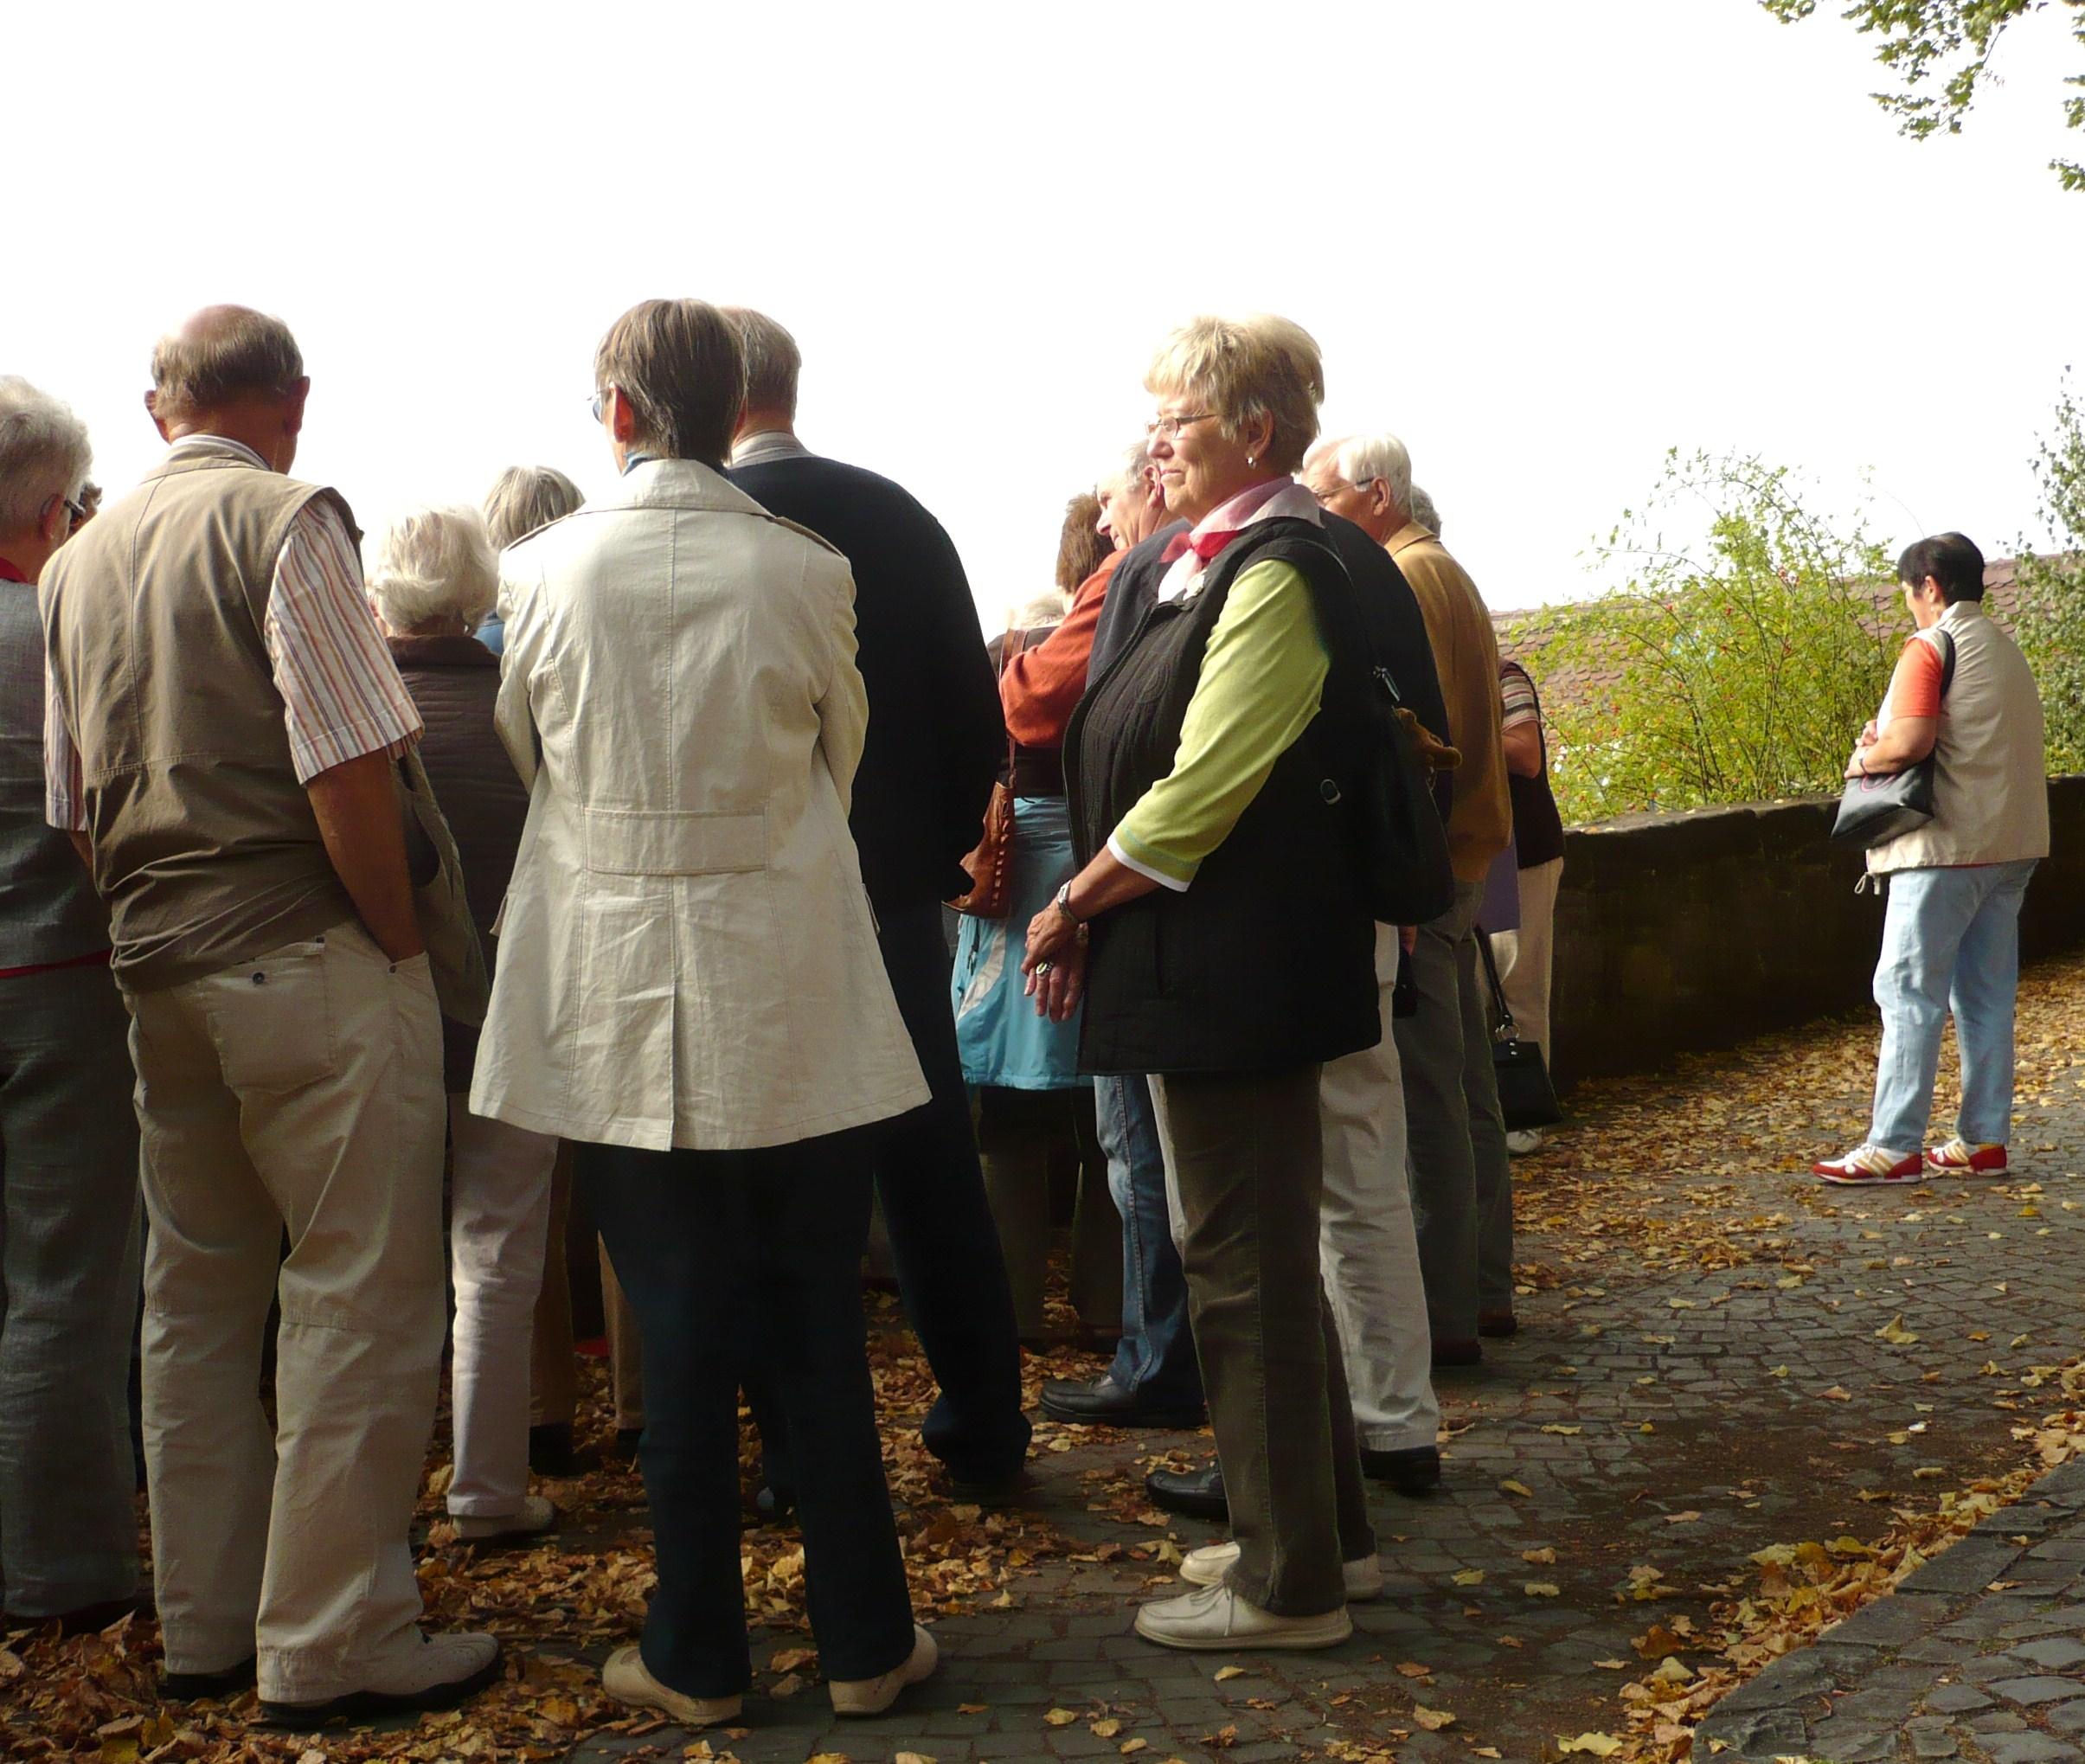 Chortreffen in Hessen 18. -20.9.2009 068